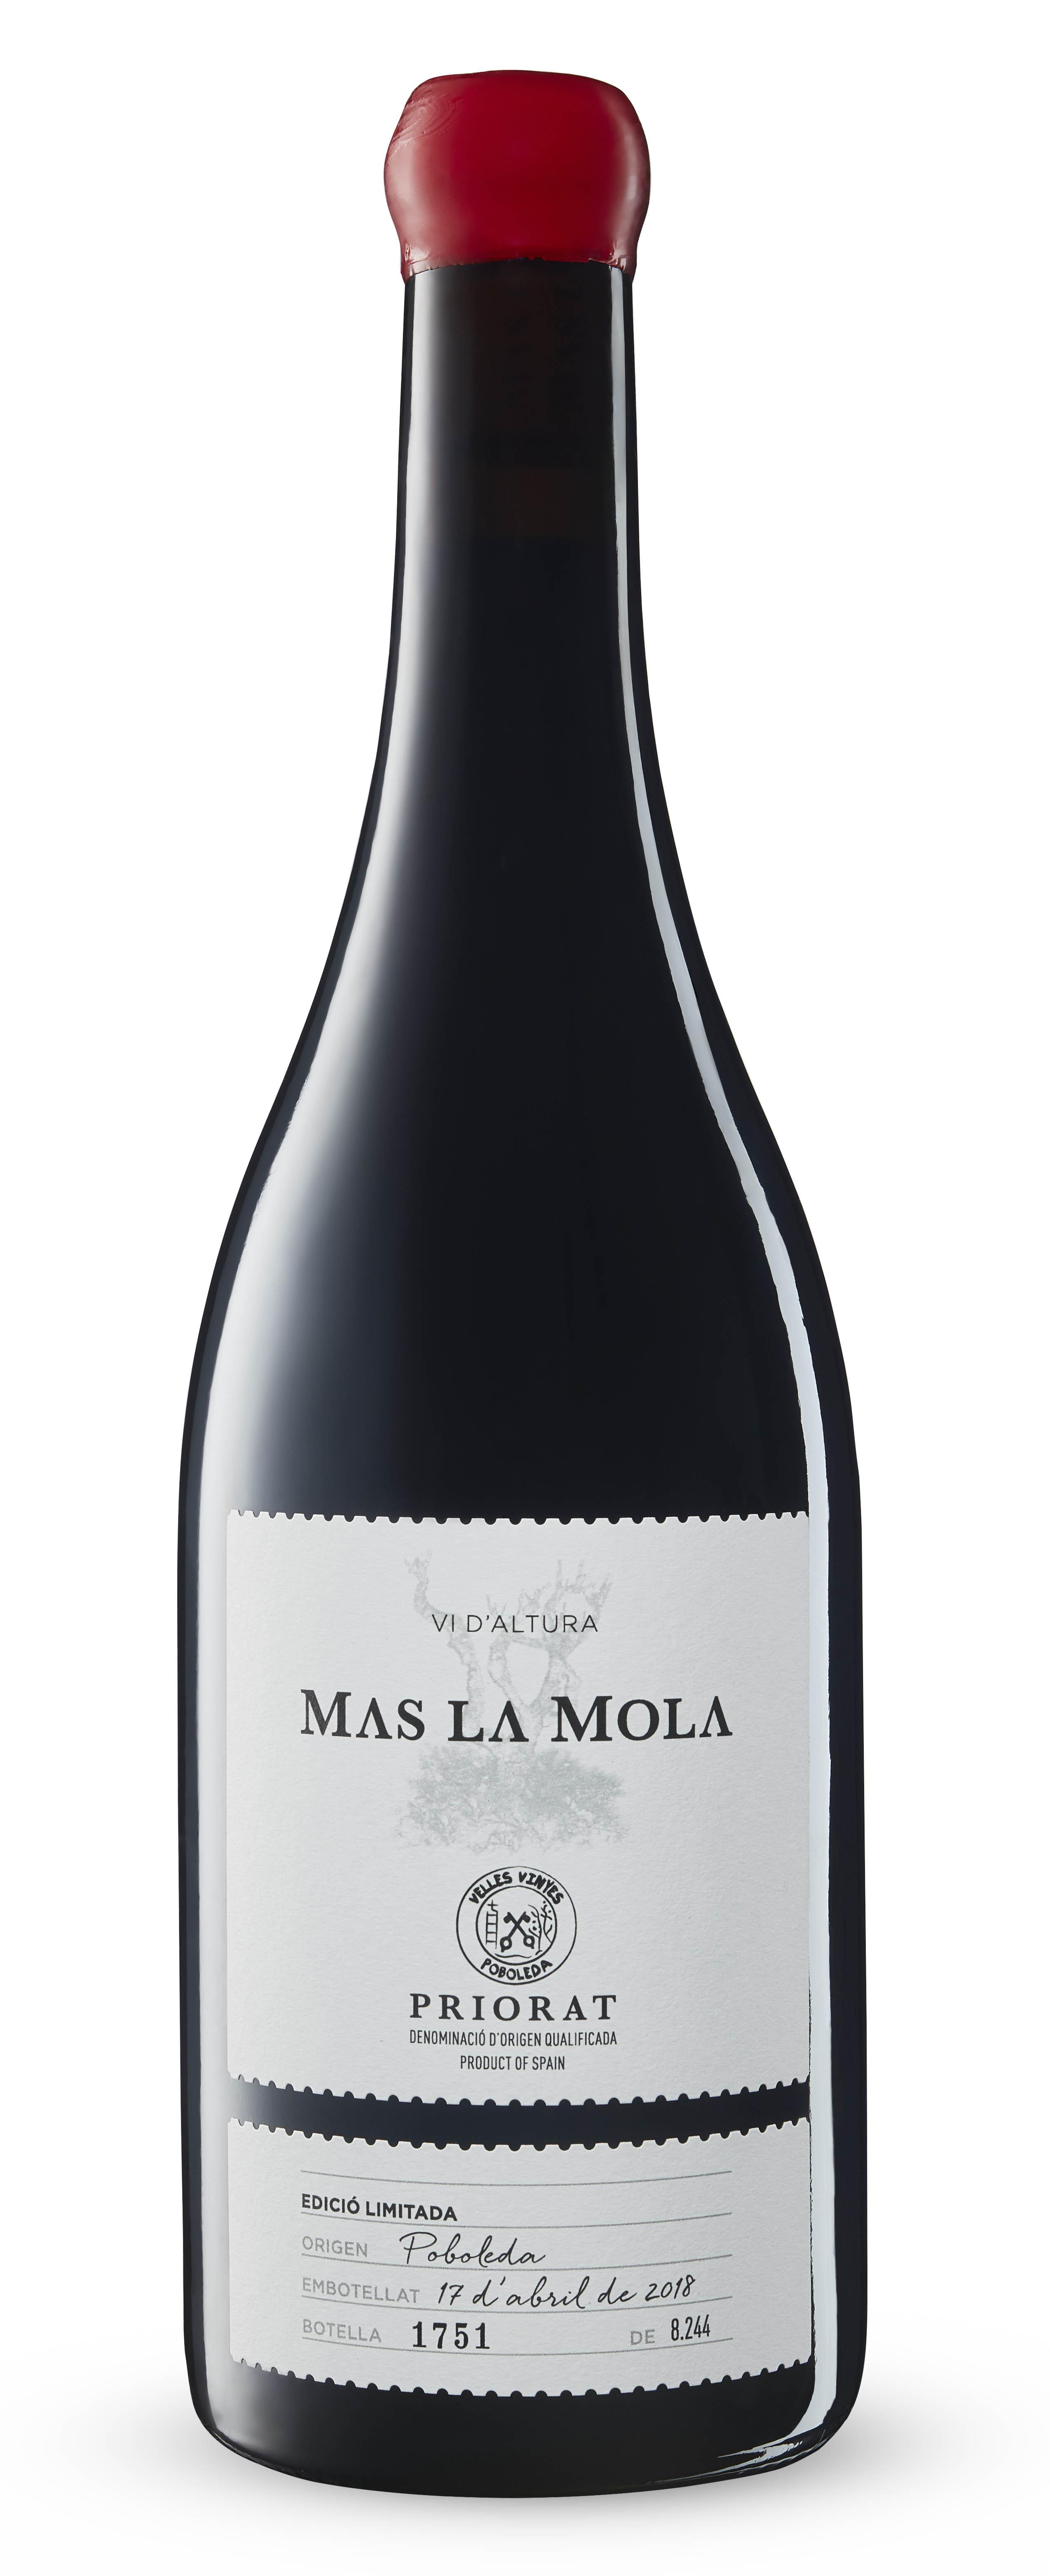 Mas La Mola, 'Vi d'Altura' Priorat 2015